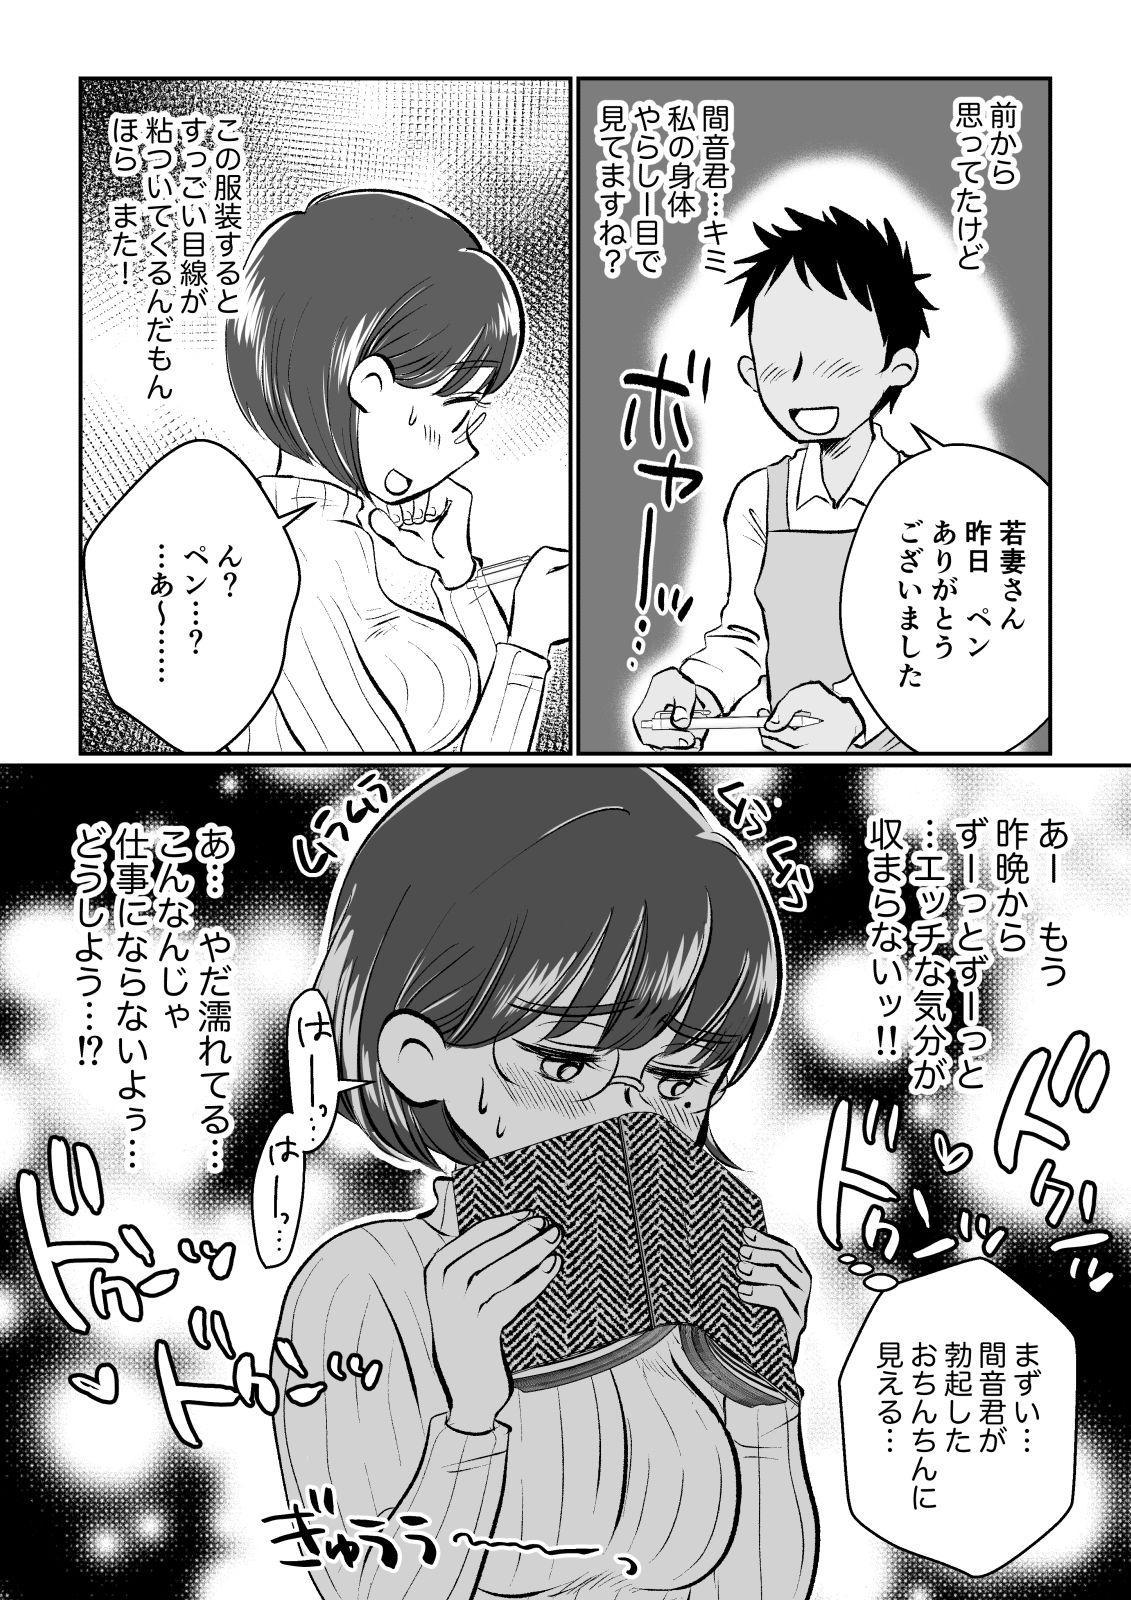 [Megitsune Works] Wakazuma-san wa Yokkyuu Fuman! Akogare no Shisho no Wakazuma-san ga Gakusei Beit no Boku no Fudeoroshi o Shite kuremashita. 12